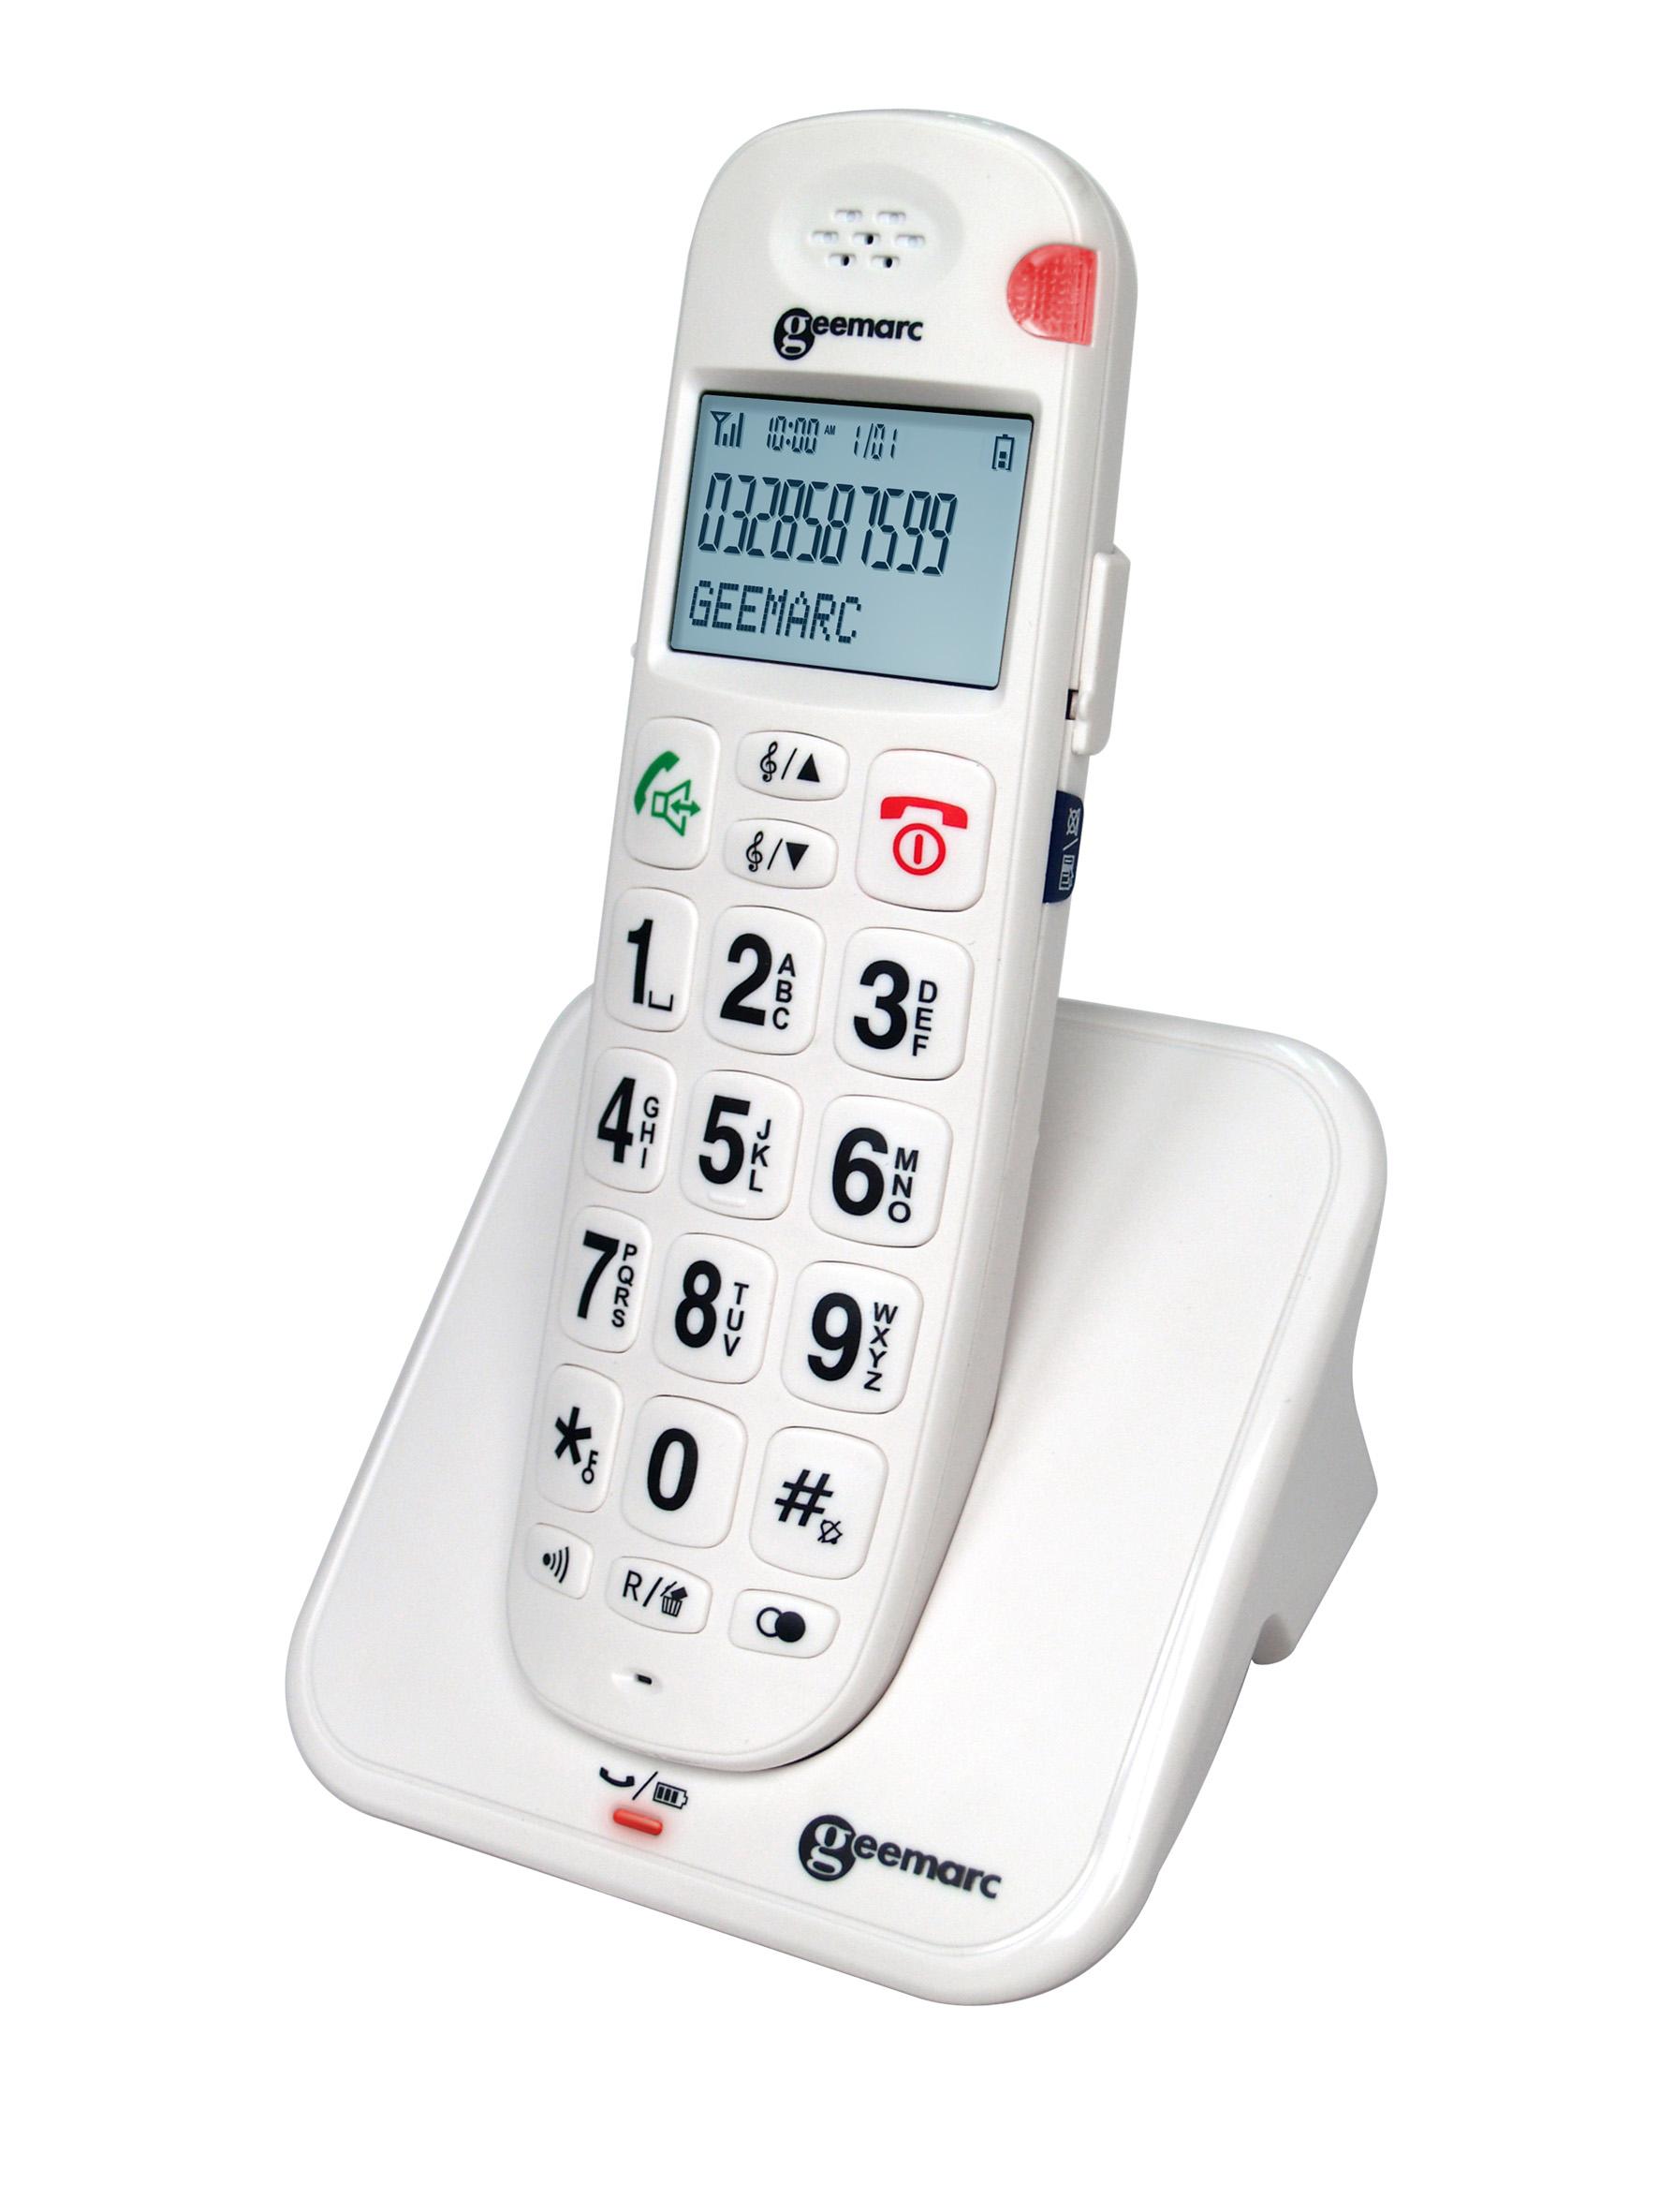 Geemarc AmpliDECT 260 teléfono inalambrico compatible con audífonos